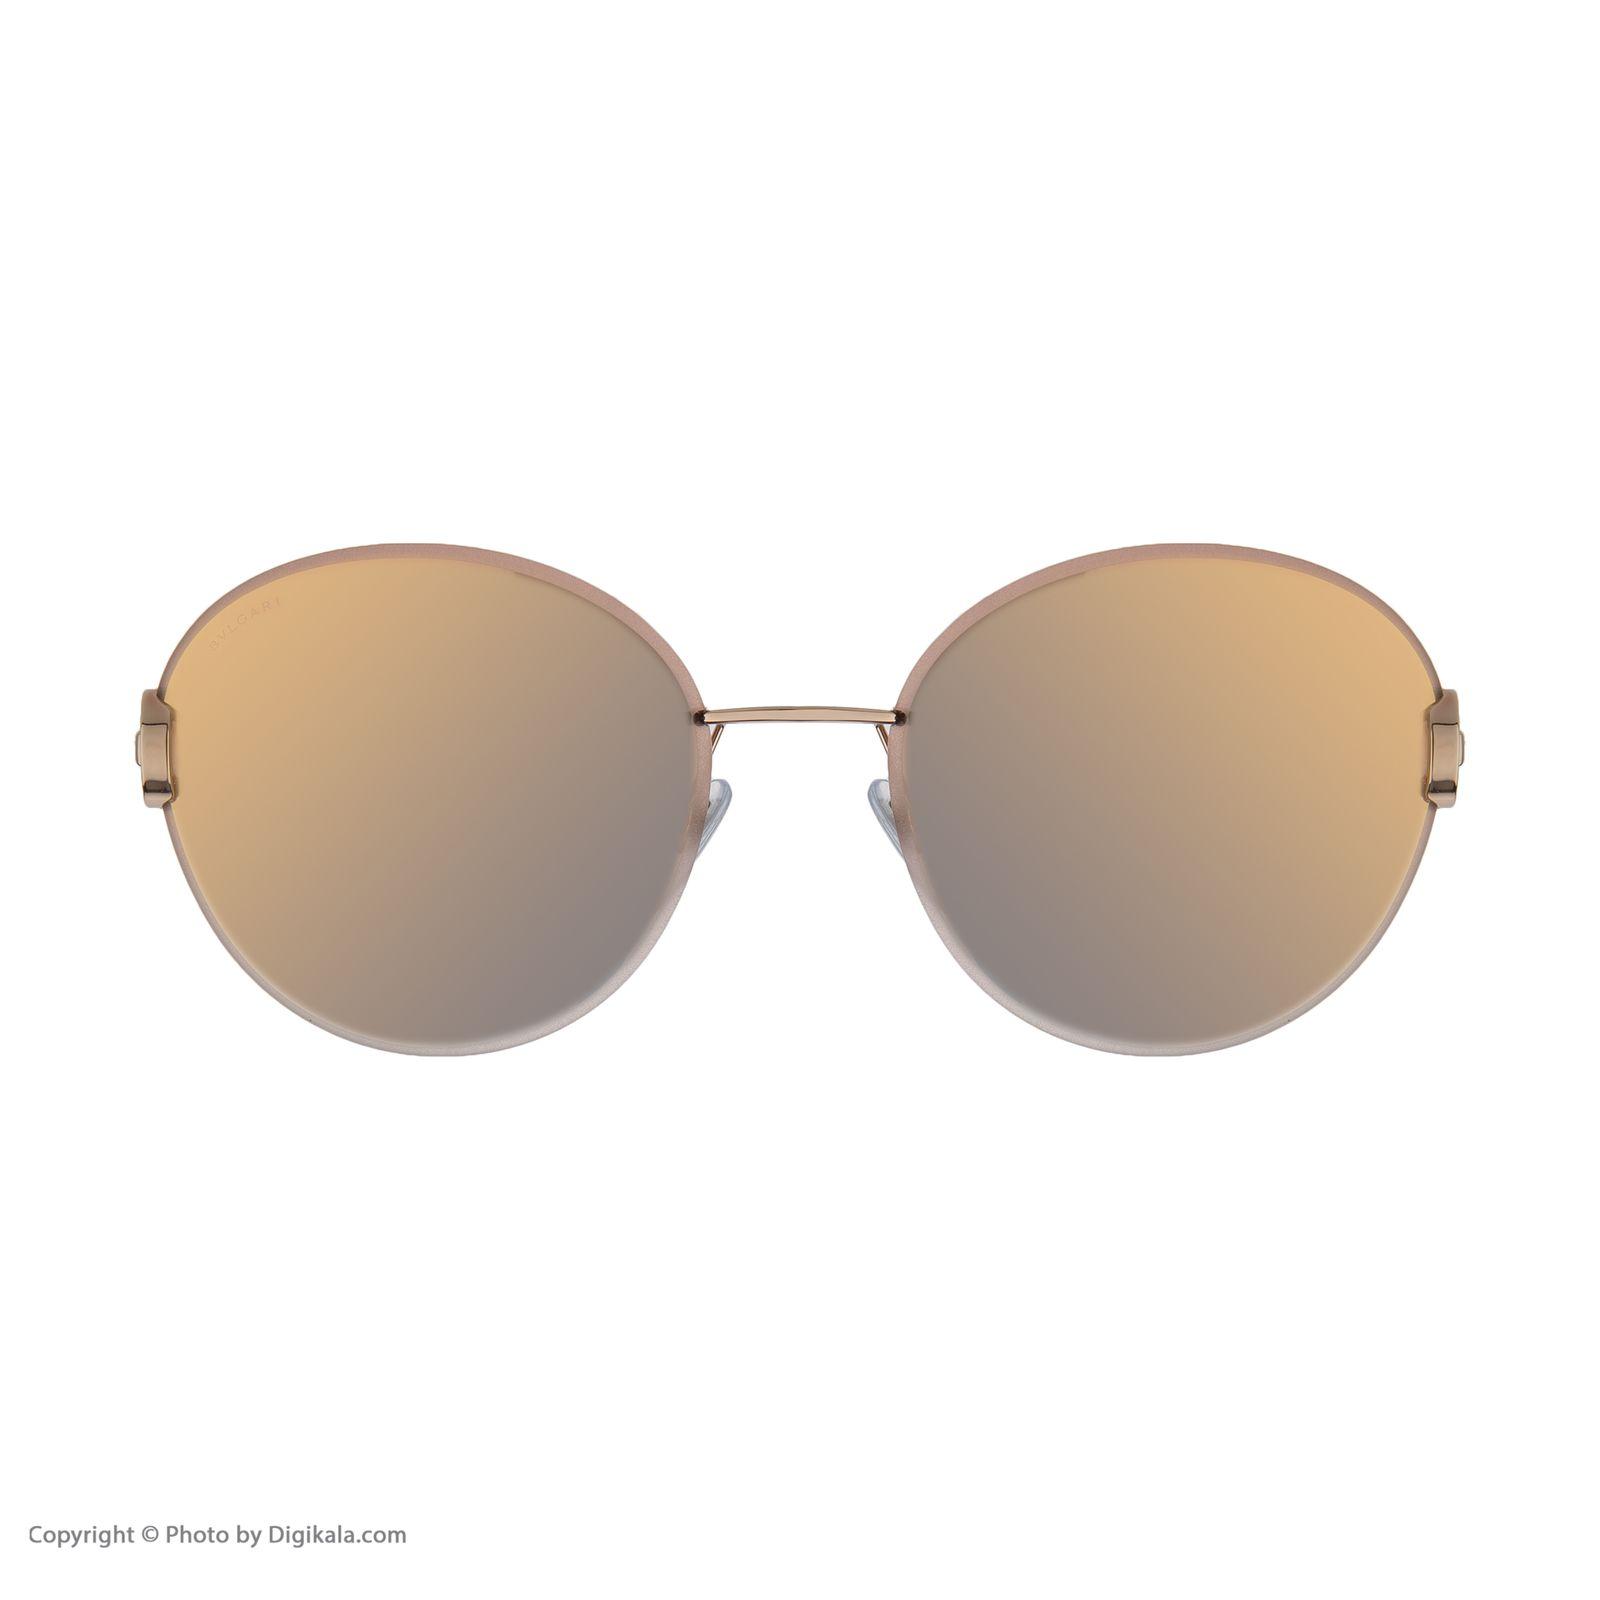 عینک آفتابی زنانه بولگاری مدل BV6091B 20146F -  - 3